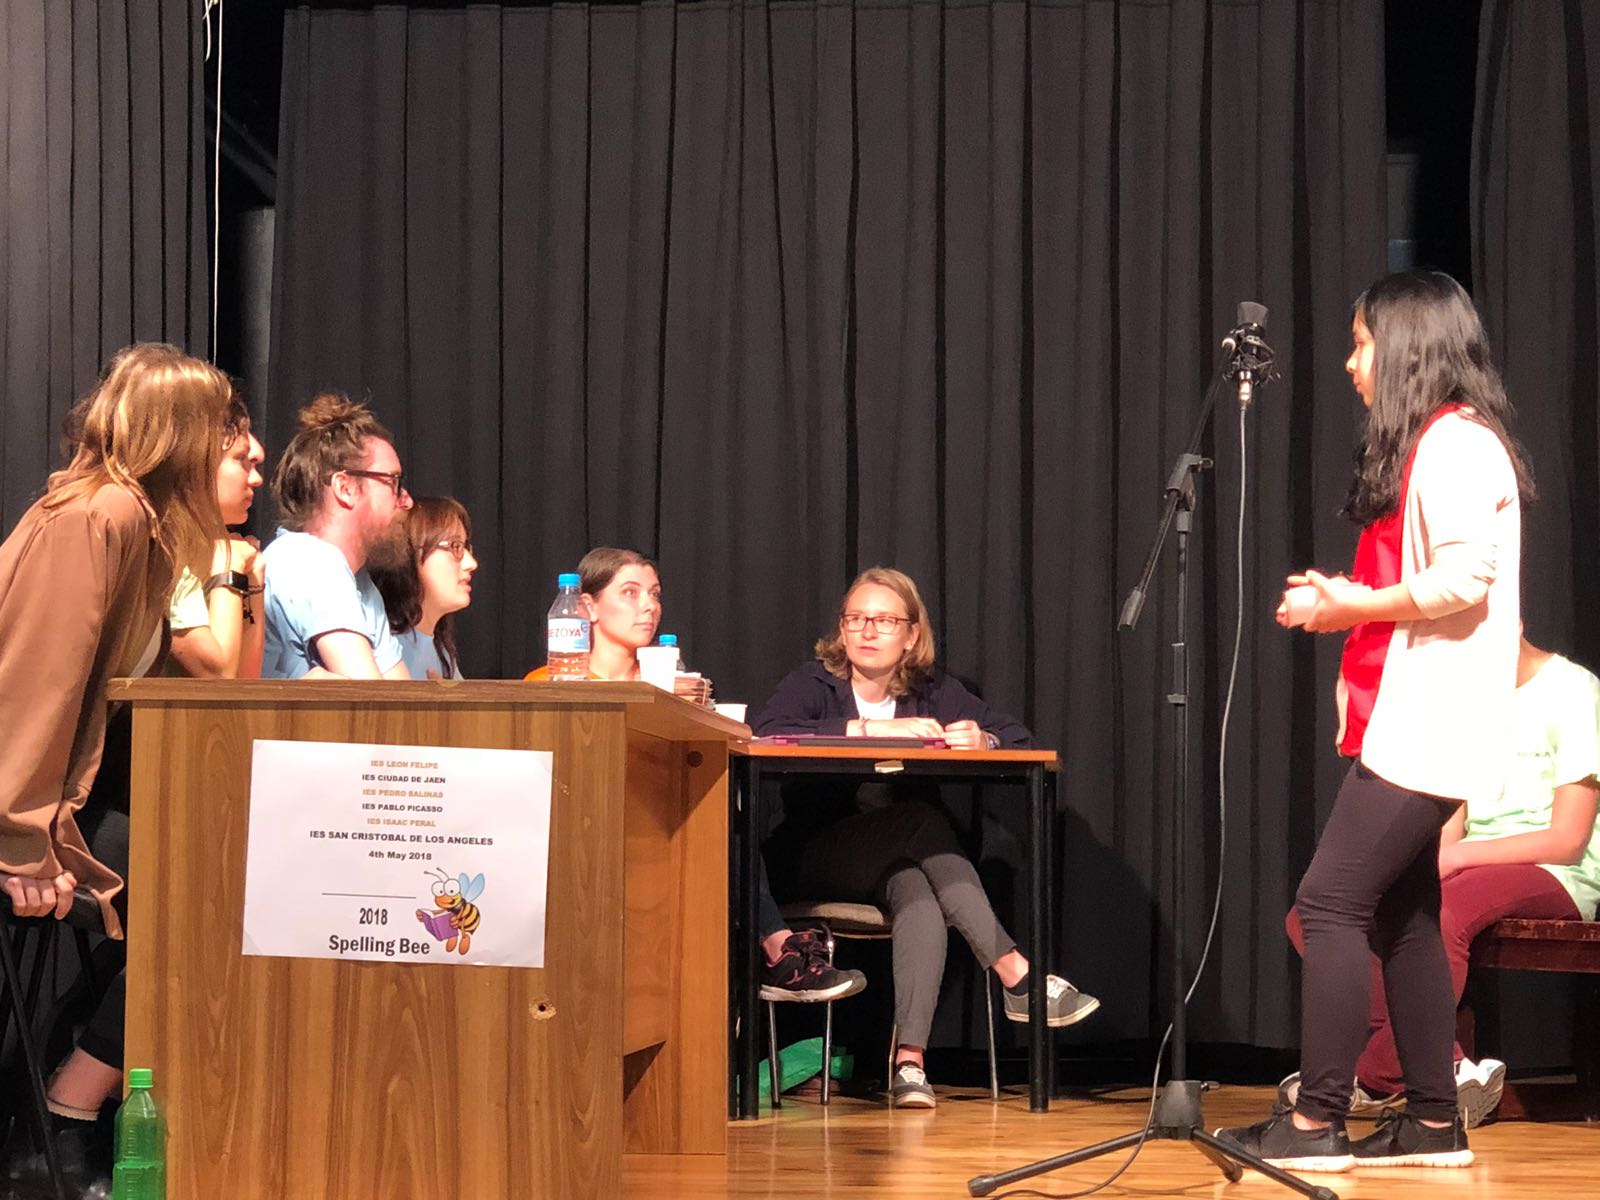 Imágenes del artículo: El IES Pedro Salinas en el Spelling Bee